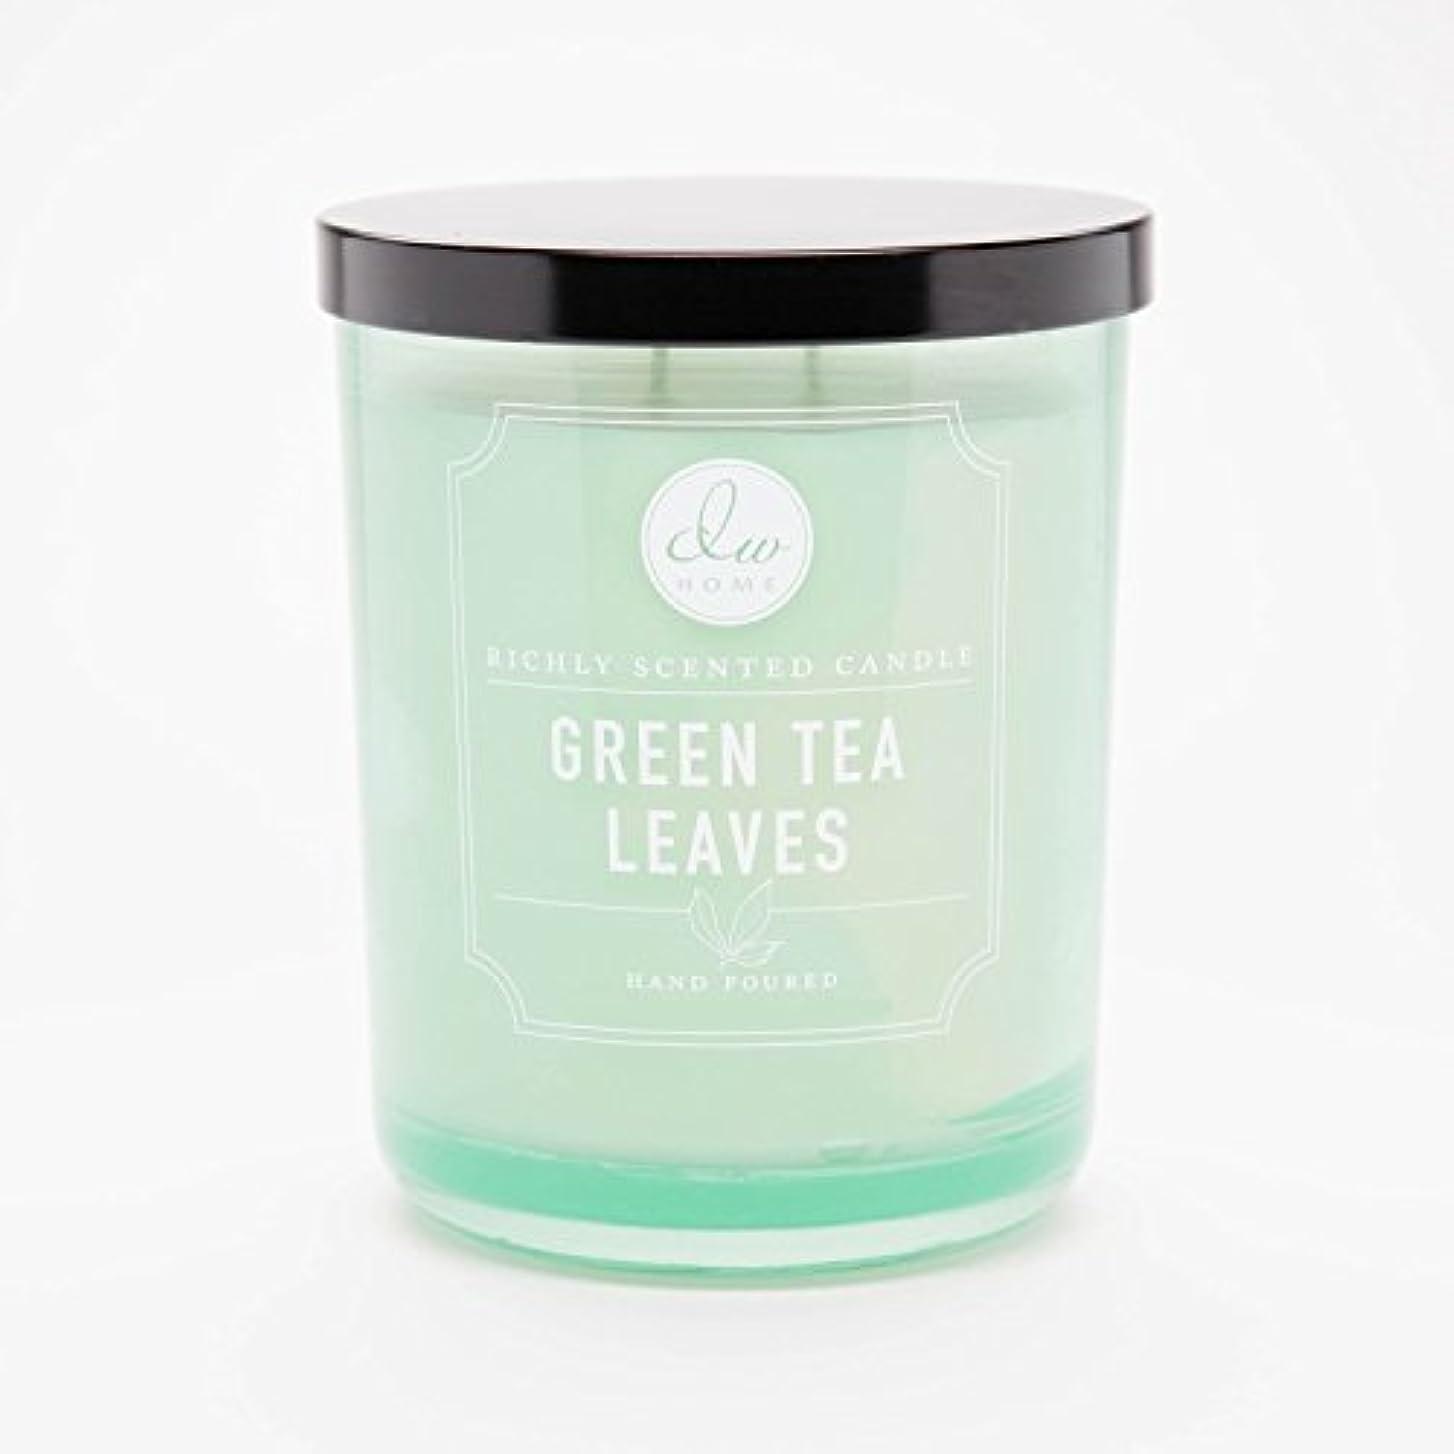 便利さ入る無効にするGreen Tea Leaves Richly Scented Candle Small Single Wick Hand Poured From Dw